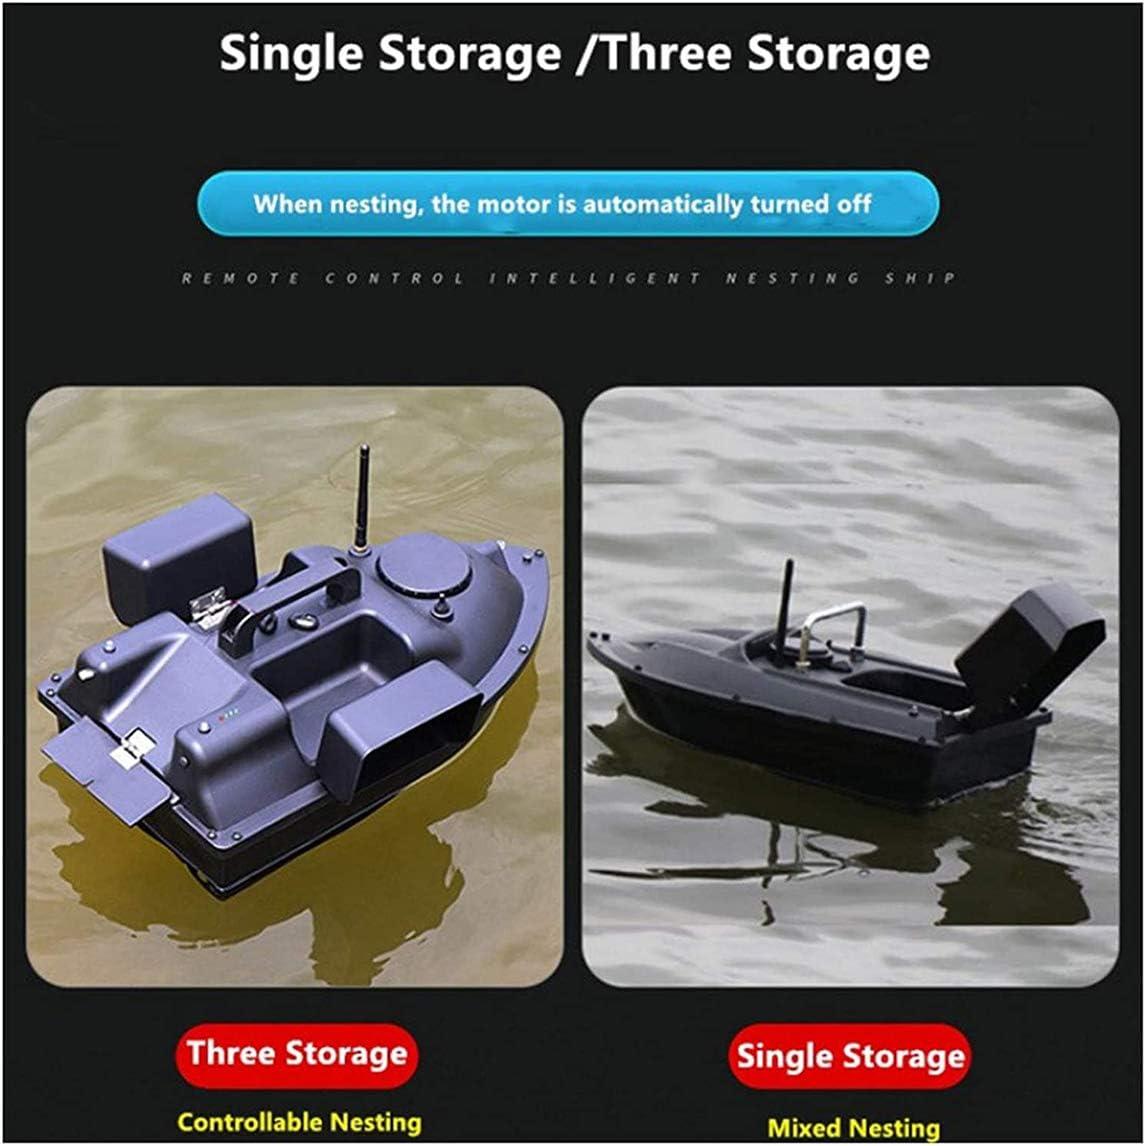 Wasserdicht F/ür Angelhilfswerkzeug,Gps,5200mAh 500M GPS Futterboot Tempomat Und Led Fischerboot Nest Fernbedienung Fischerboot Boot Ferngesteuertes Karpfen Doppelmotoren Fernbedienung Boot